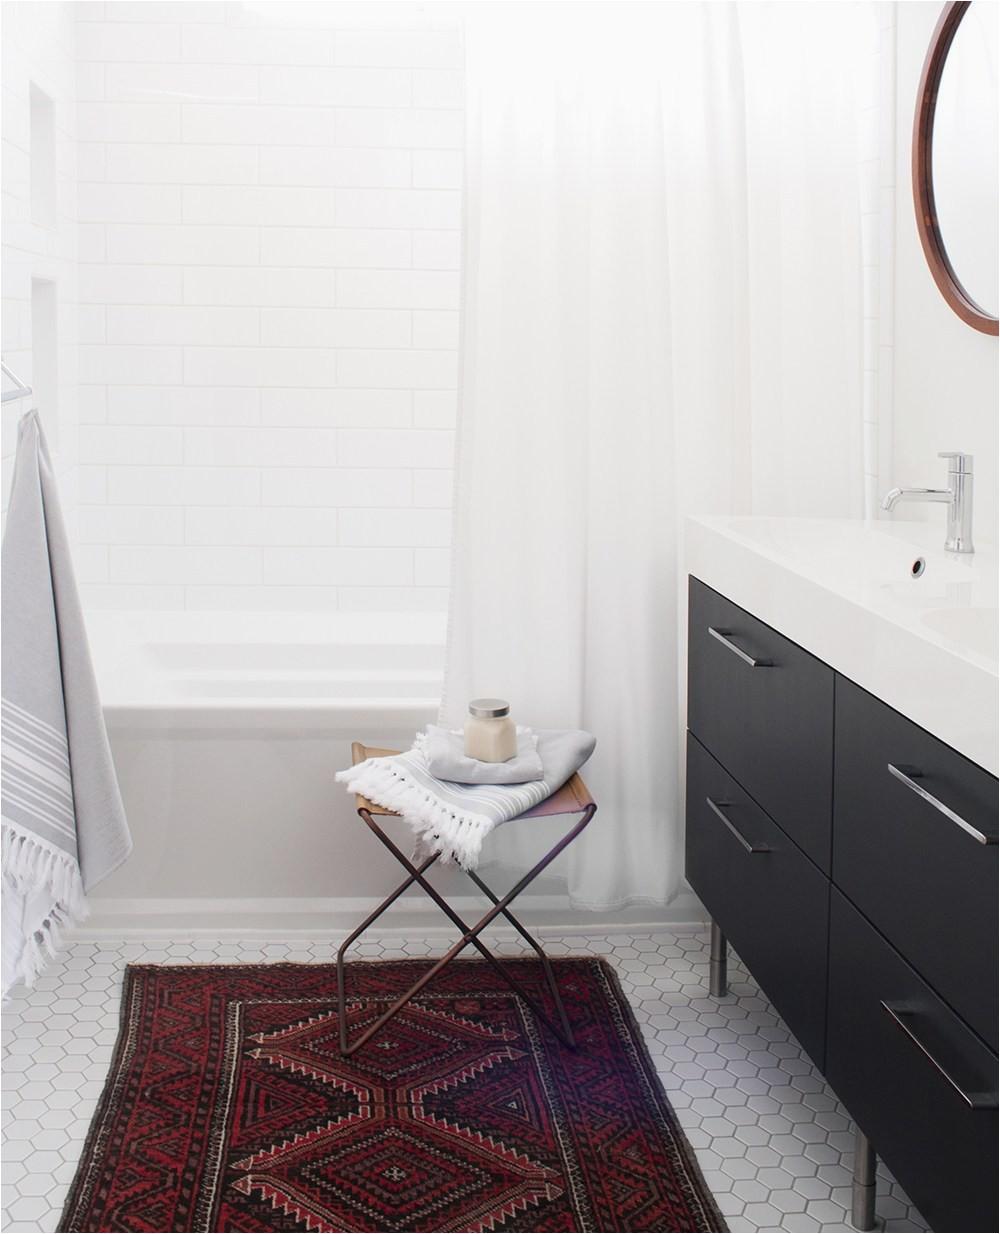 Red Vintage Wool Rug in Bathroom